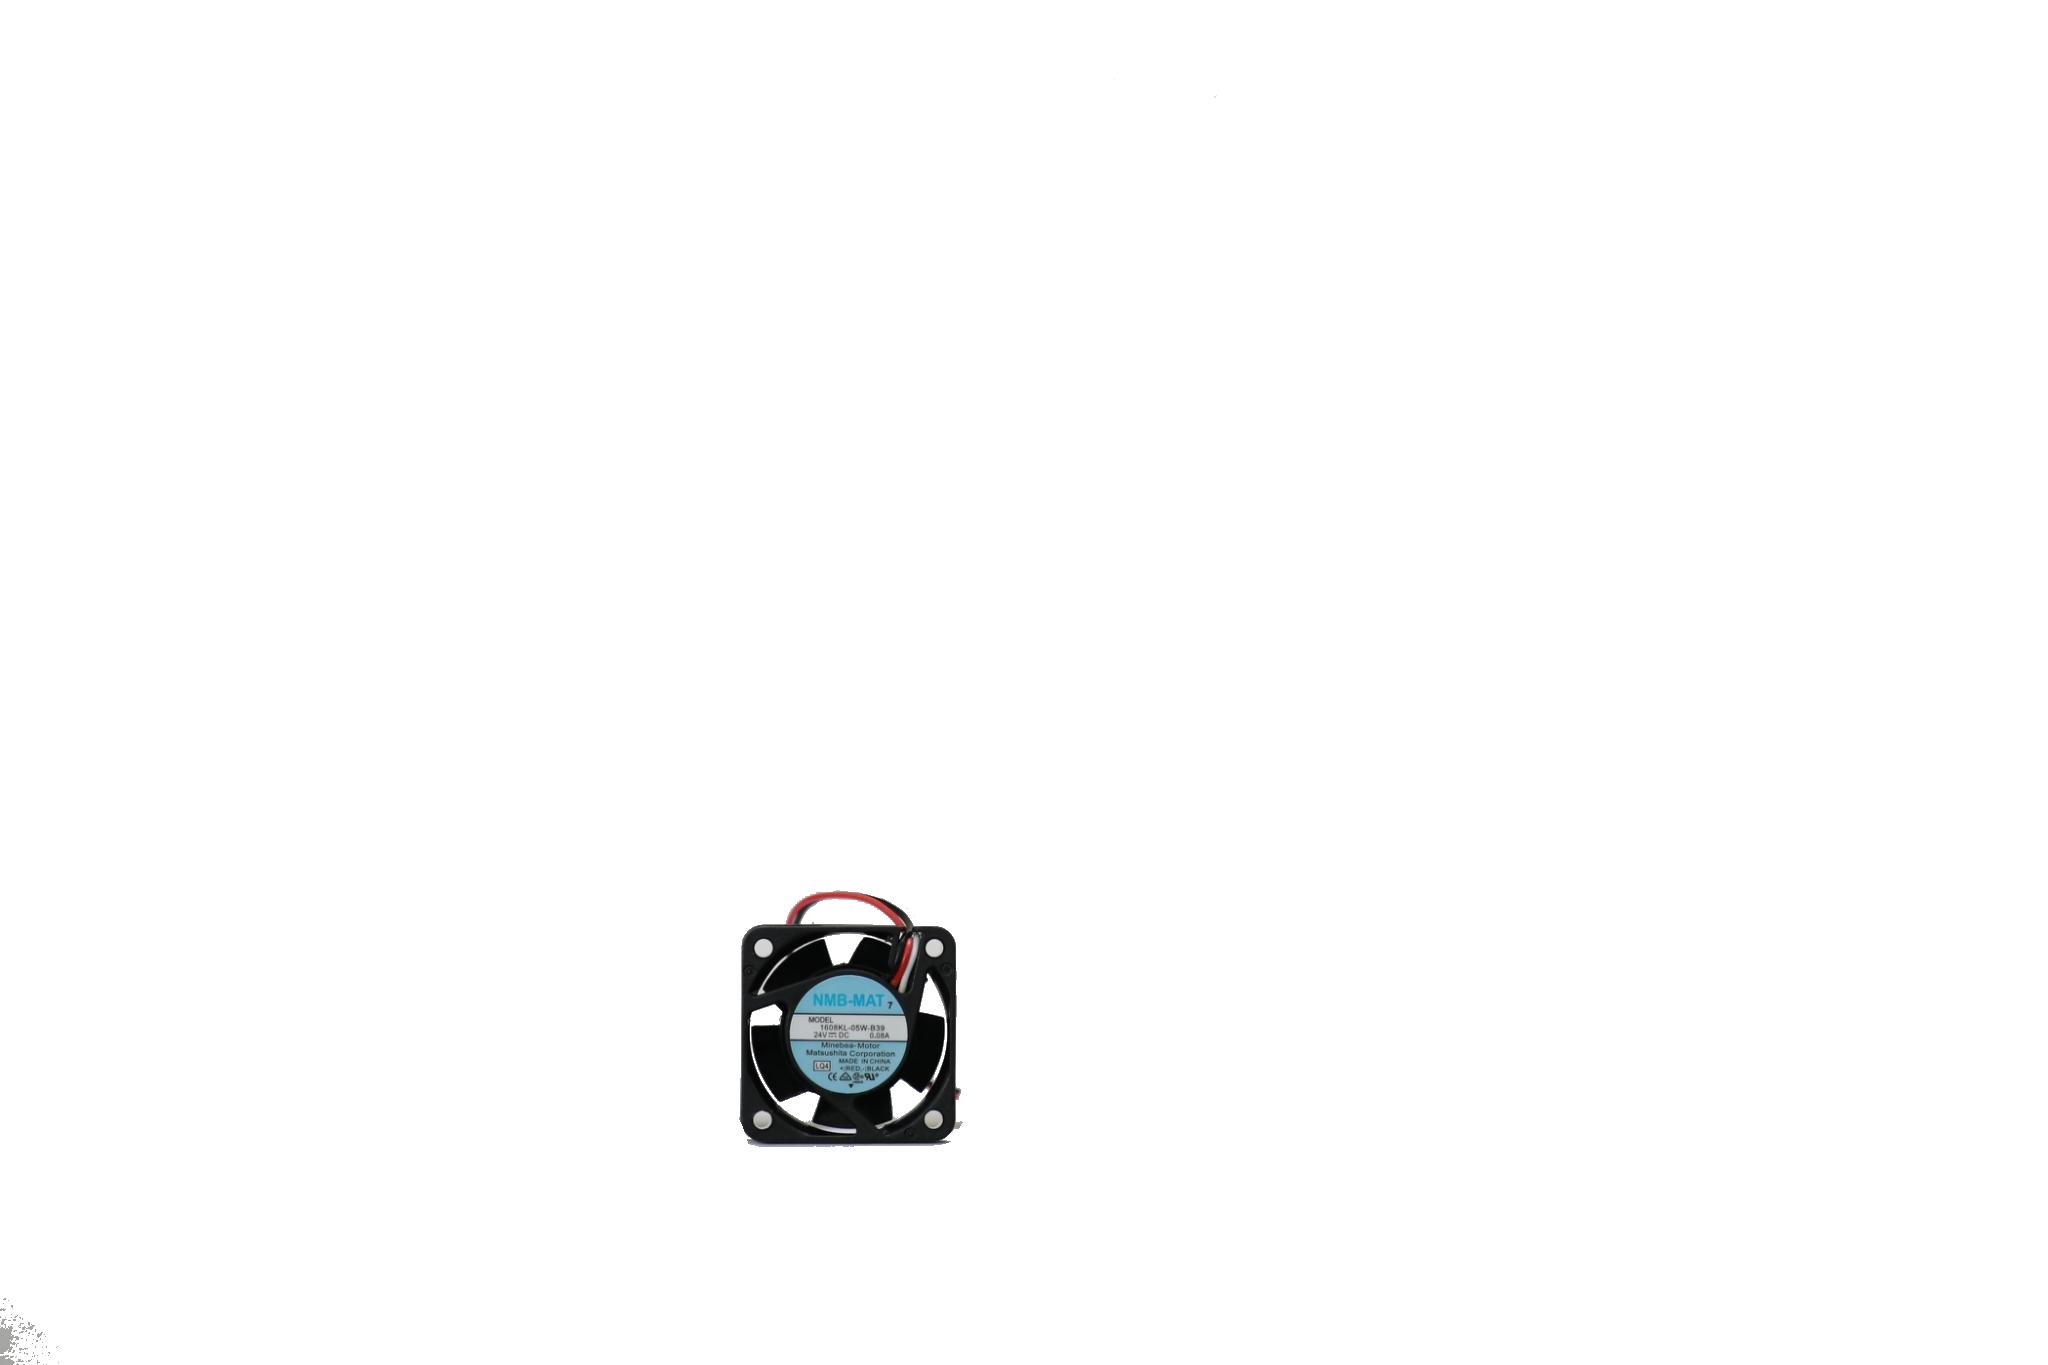 1606KL-05W-B39